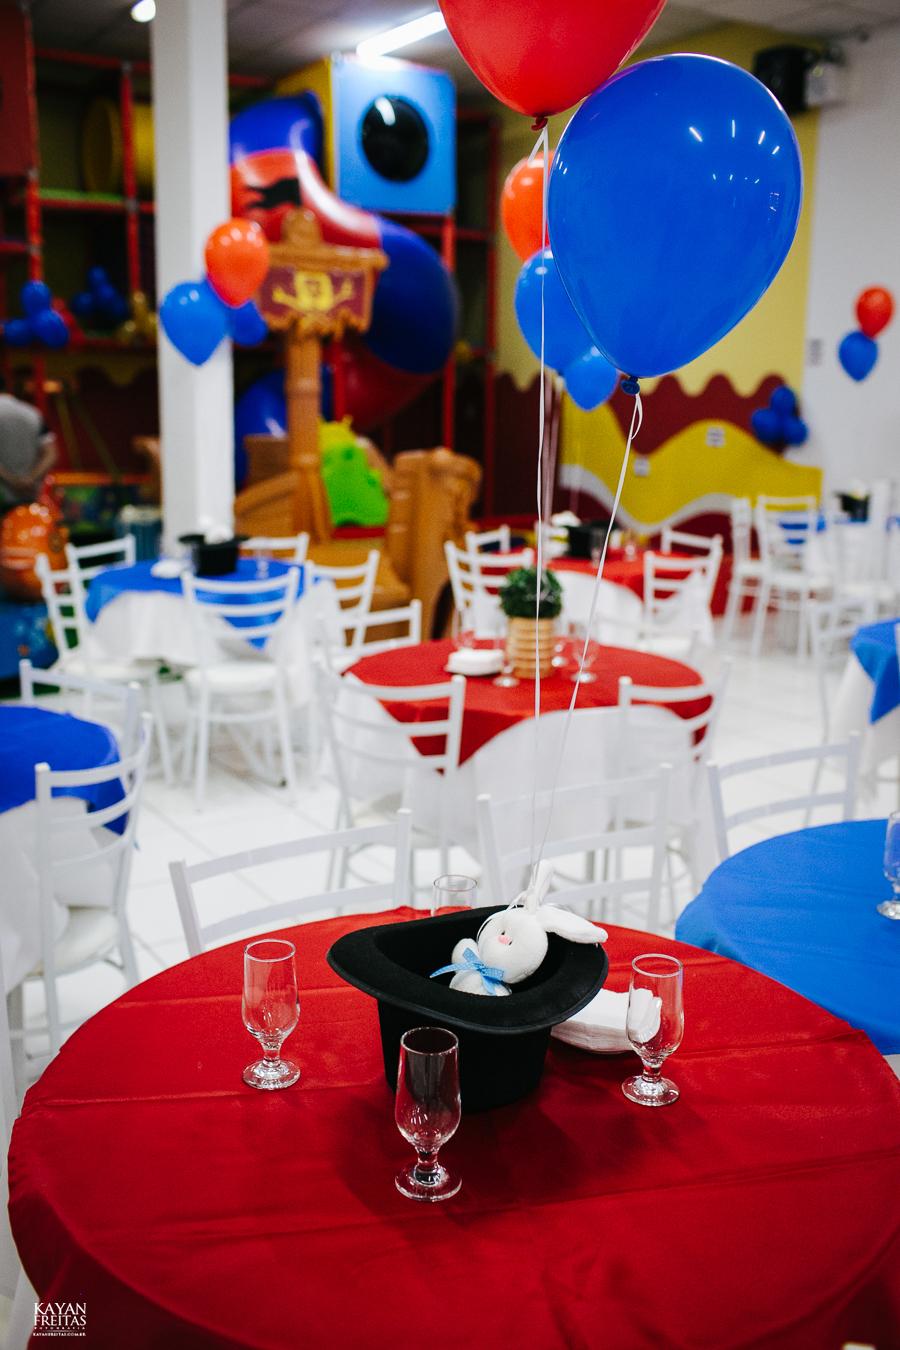 vini-1ano-0011 Vinicius - Aniversário de 1 ano - Mabi Festas